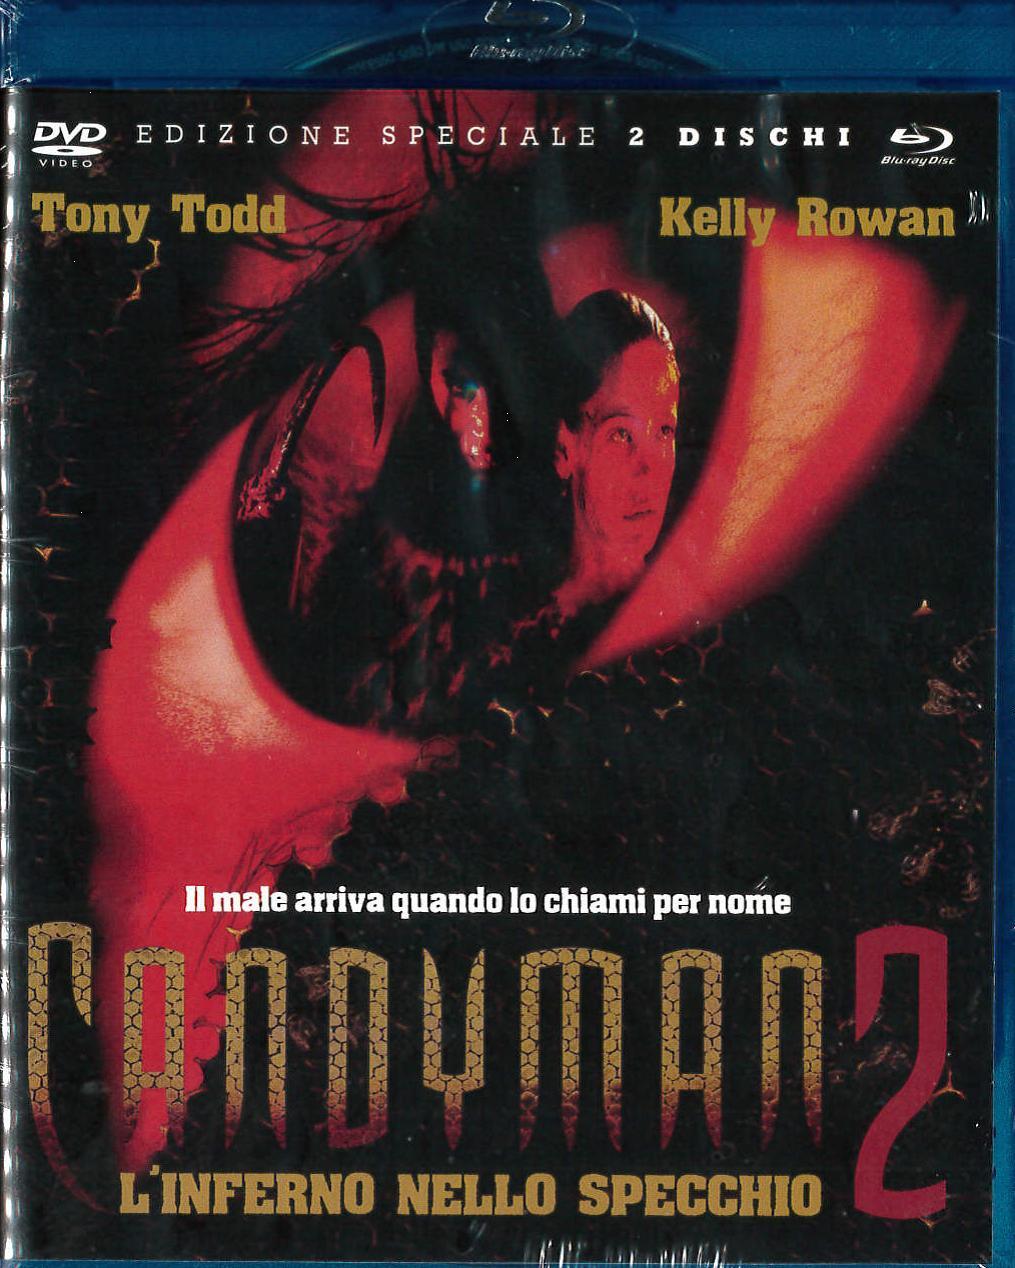 CANDYMAN 2 L'INFERNO NELLO SPECCHIO COMBO PACK [DVD+BLURAY]